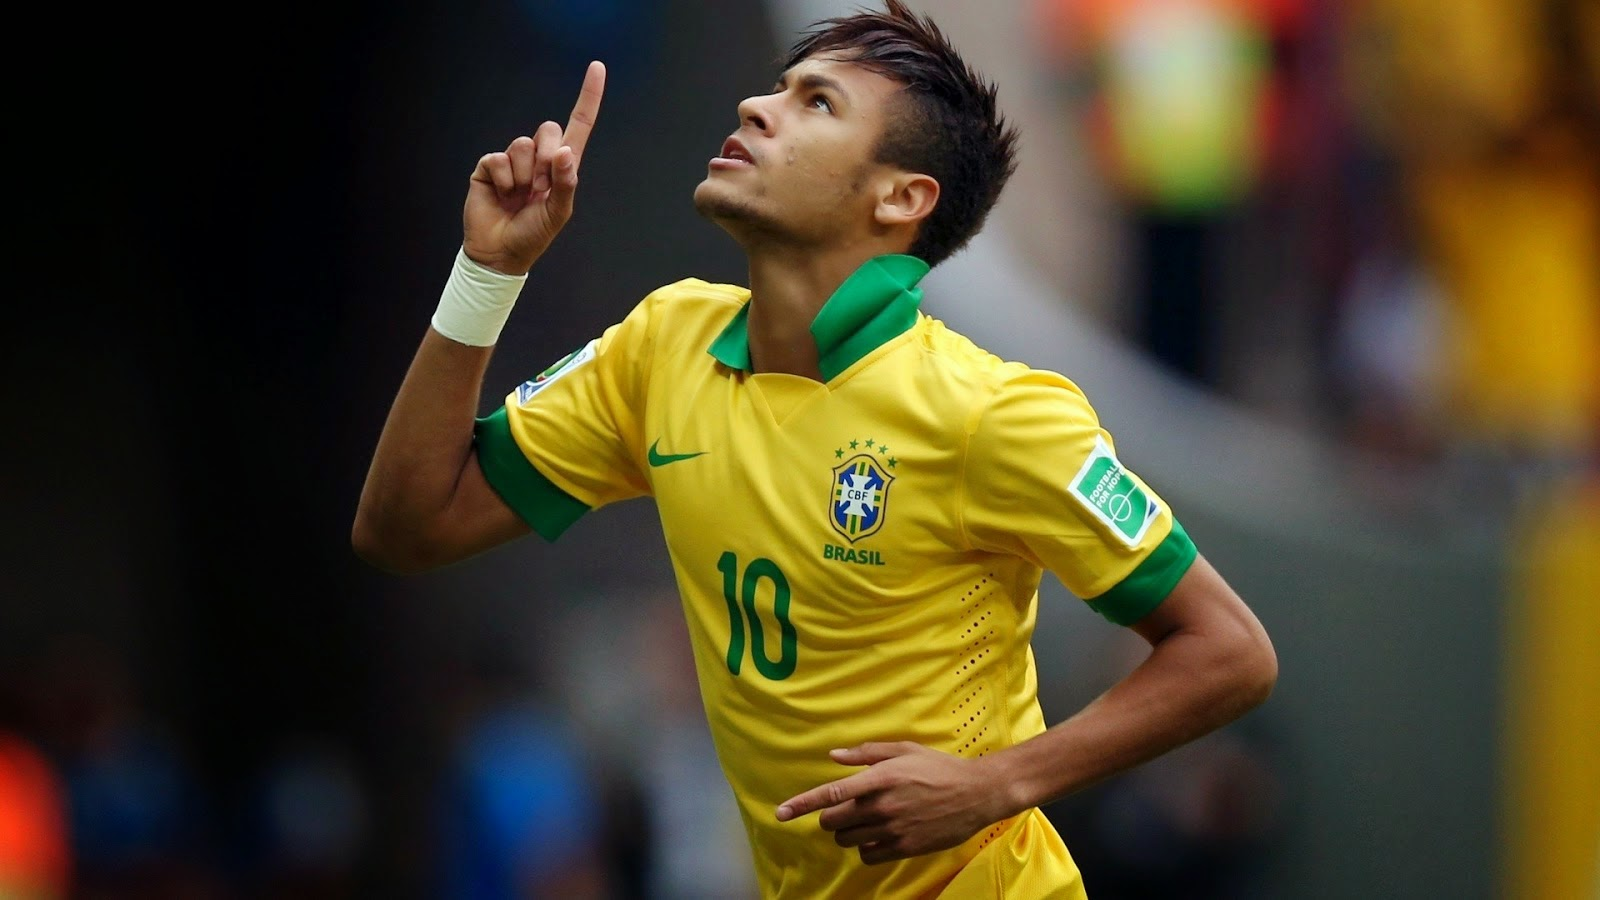 Amichevoli internazionali di calcio Francia-Brasile